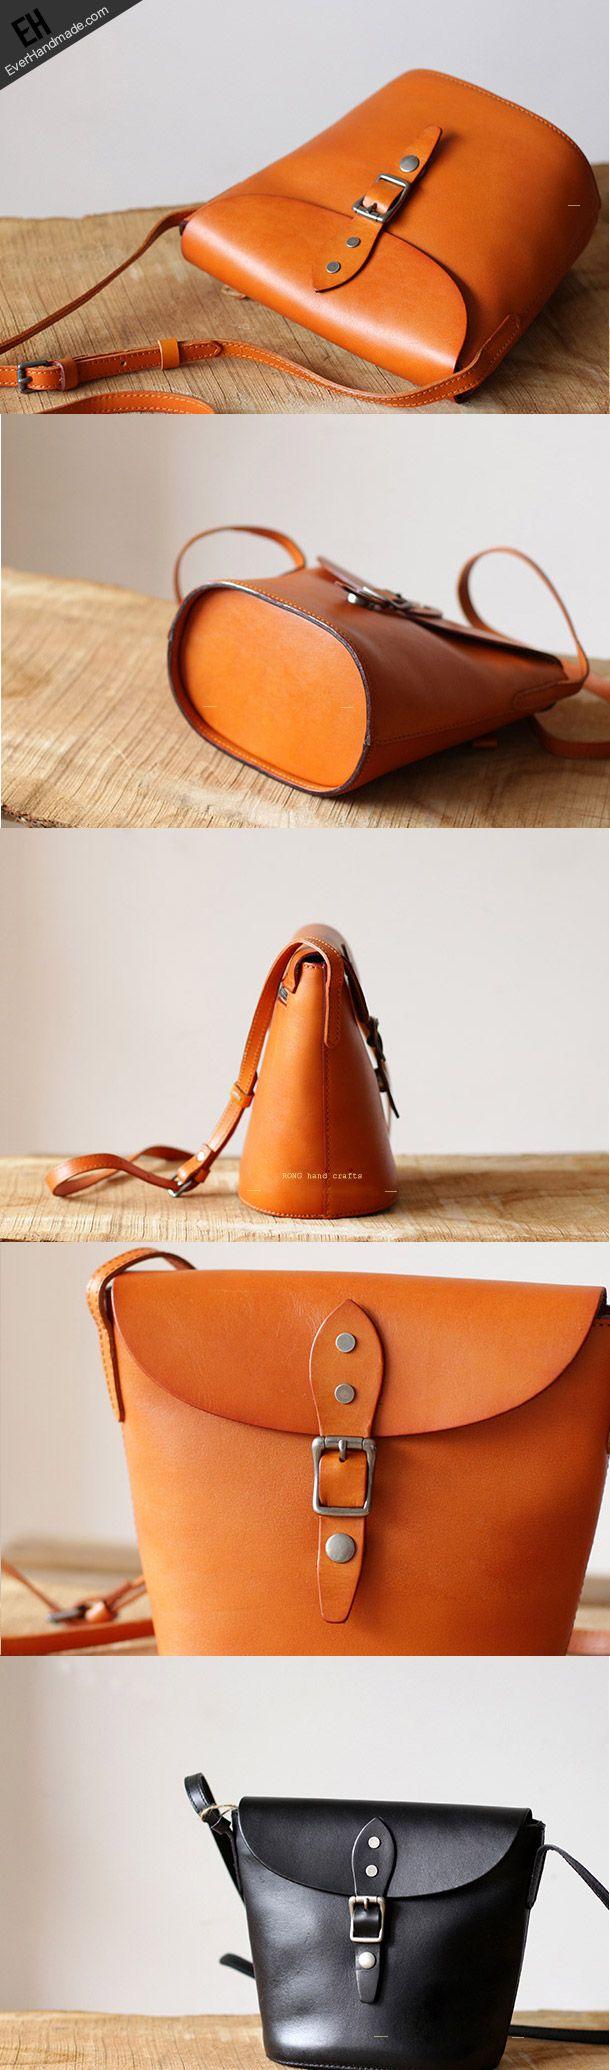 Женские сумки из натуральной кожи - купить в интернет